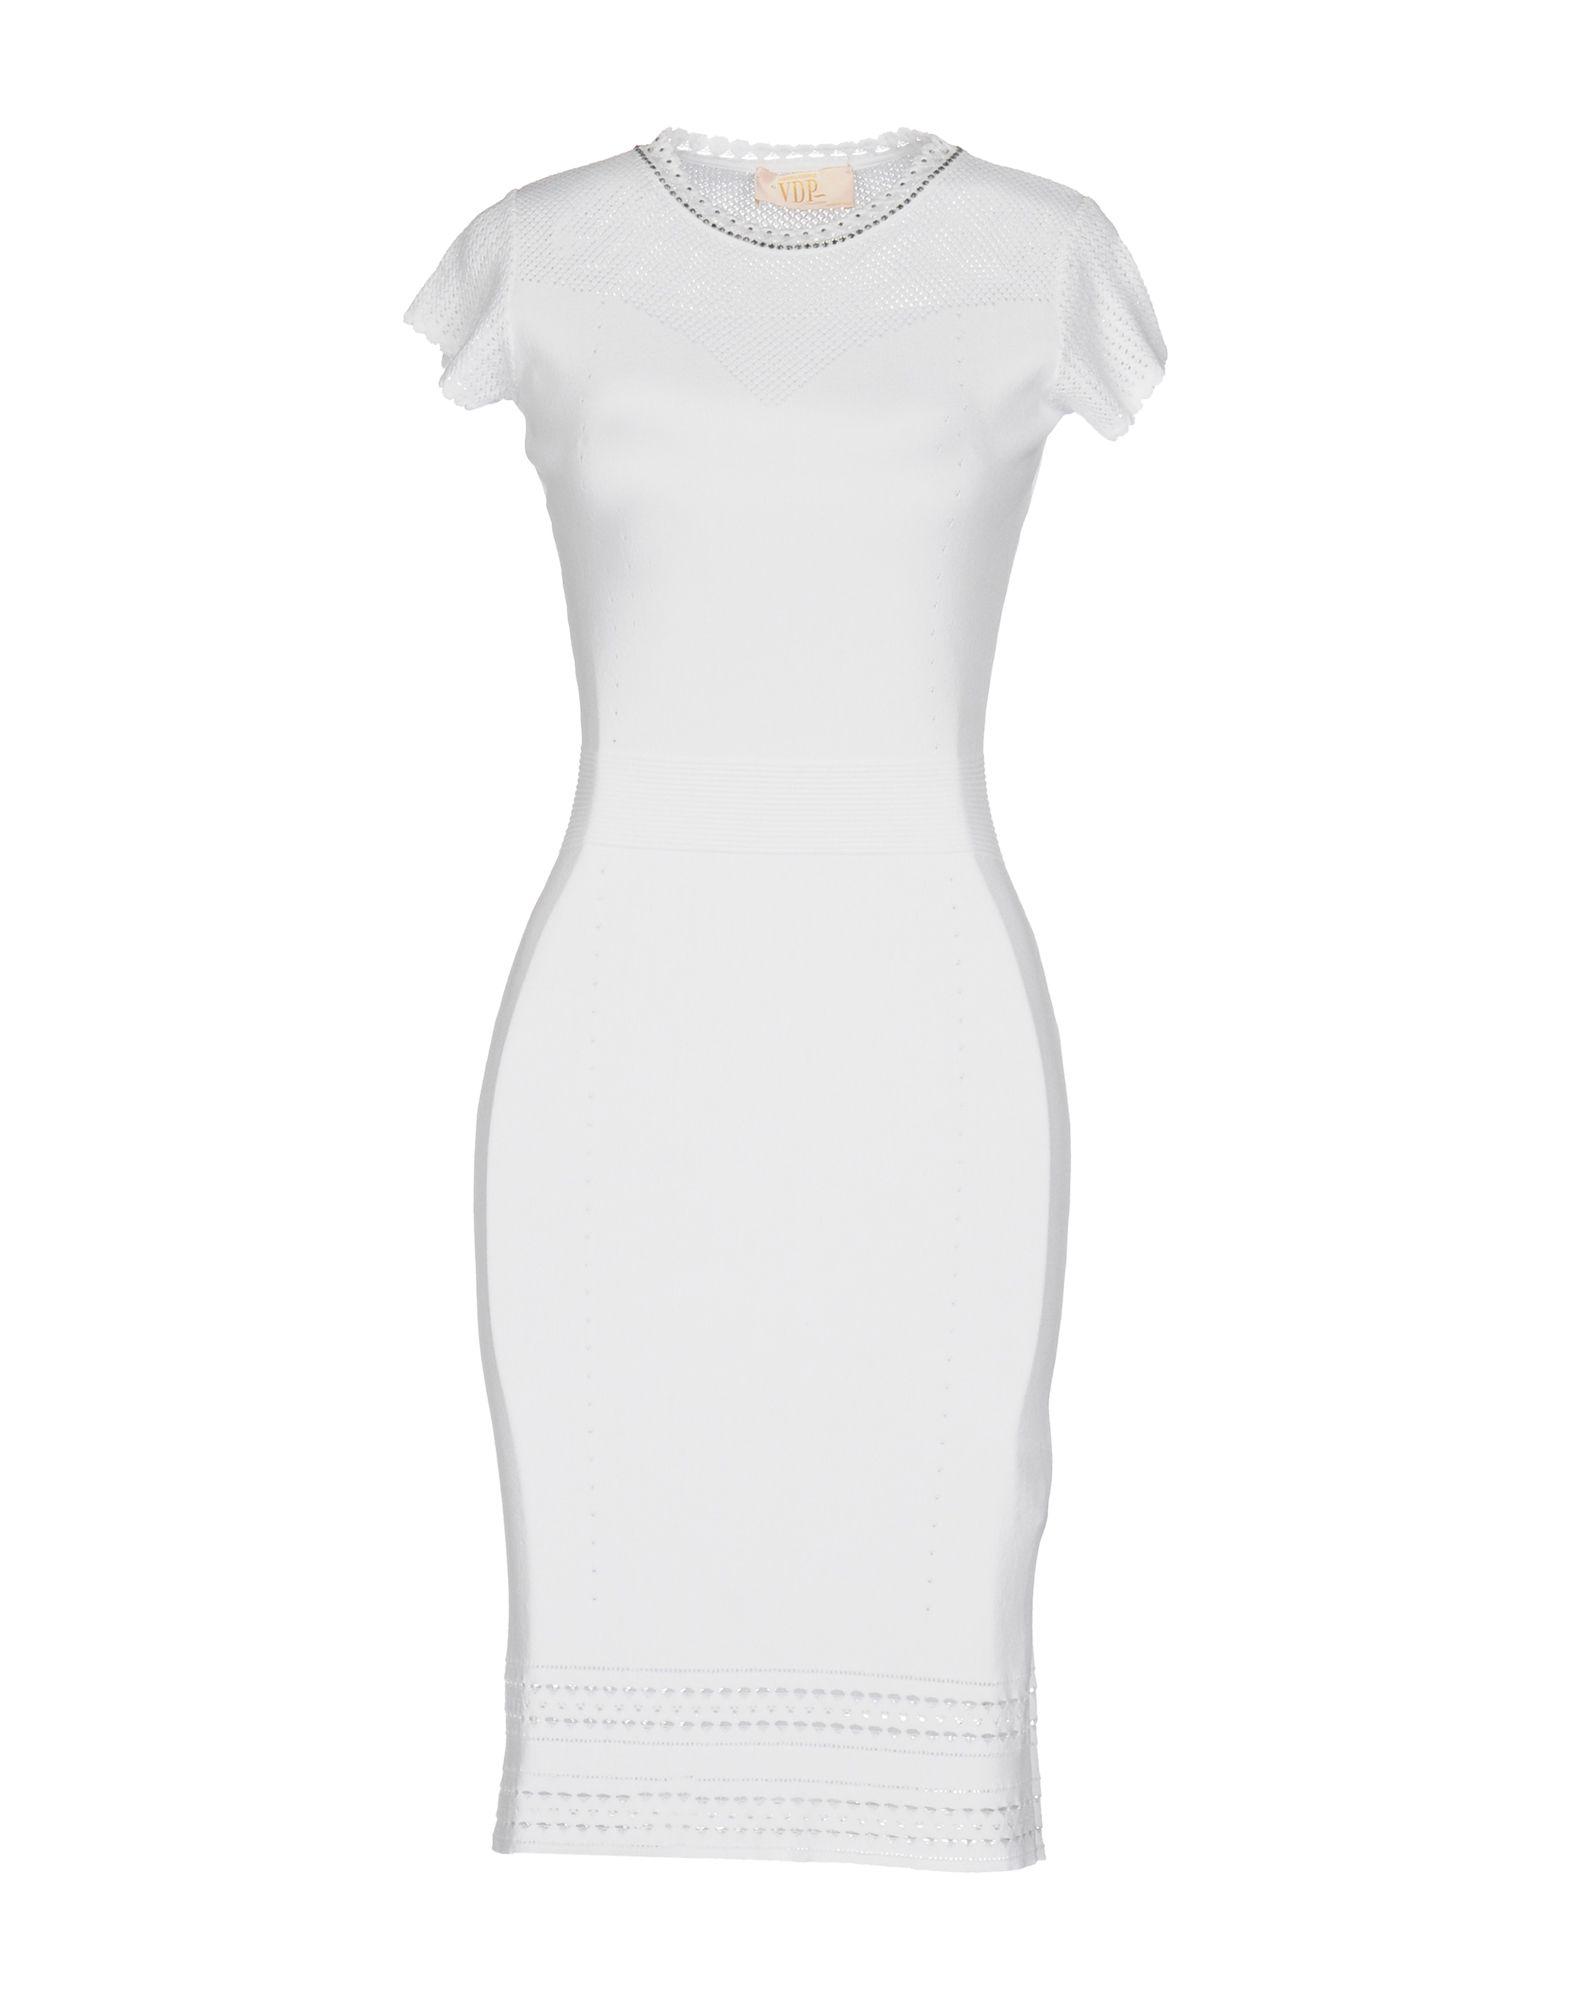 VDP COLLECTION Damen Kurzes Kleid Farbe Weiß Größe 4 jetztbilligerkaufen